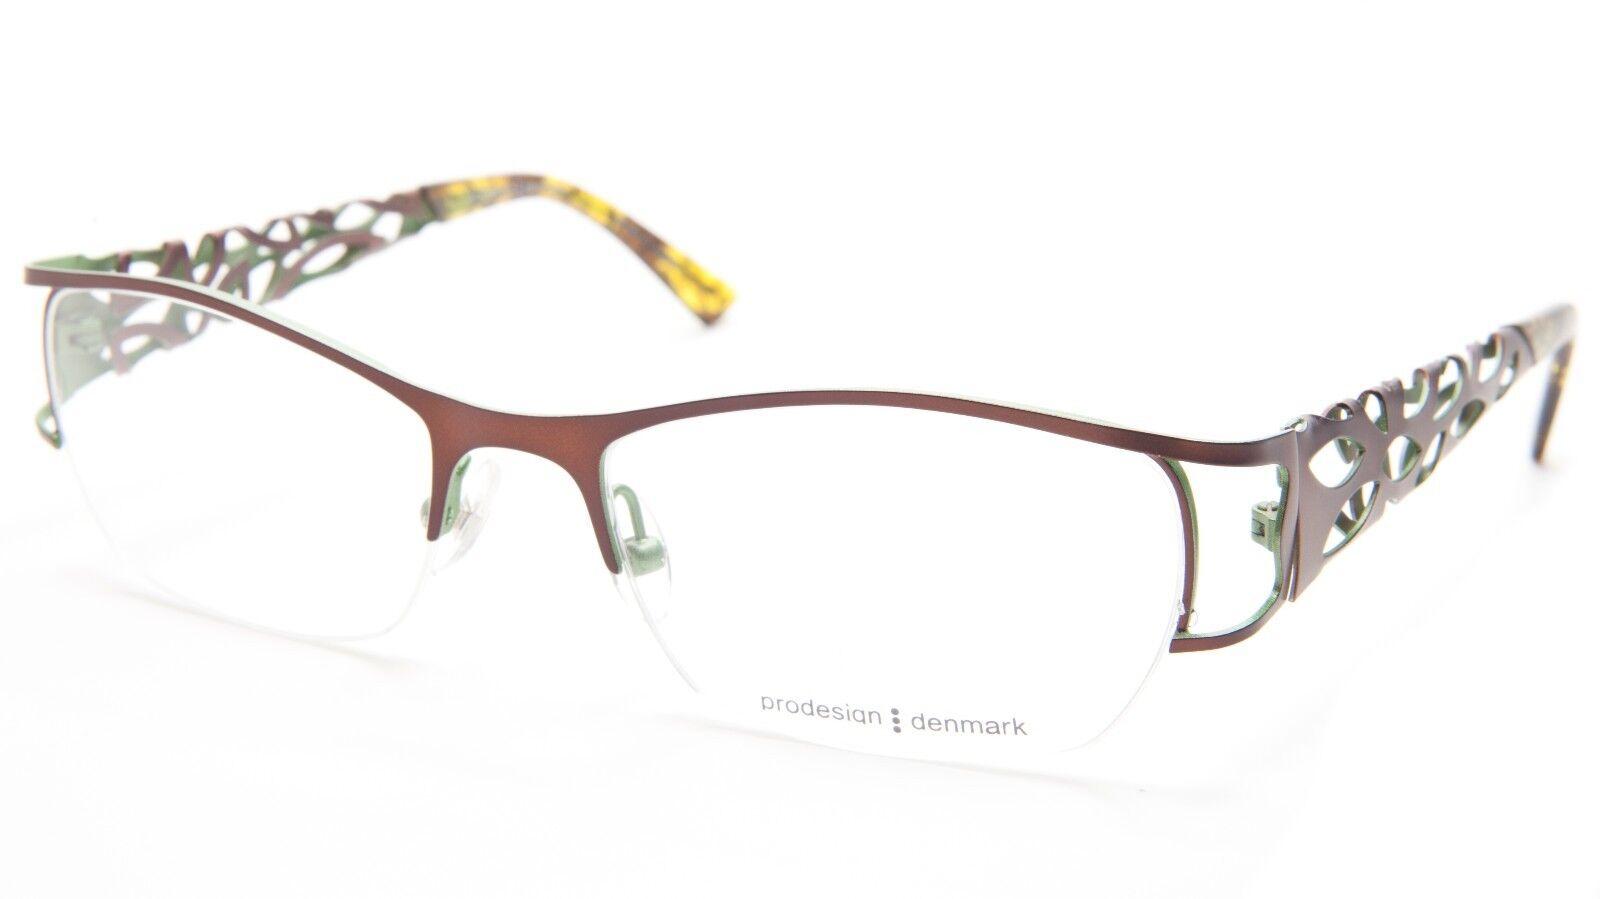 3b55f9326e PRODESIGN Denmark 5134 C. 5031 Brown Eyeglasses Glasses 53-18-135 ...